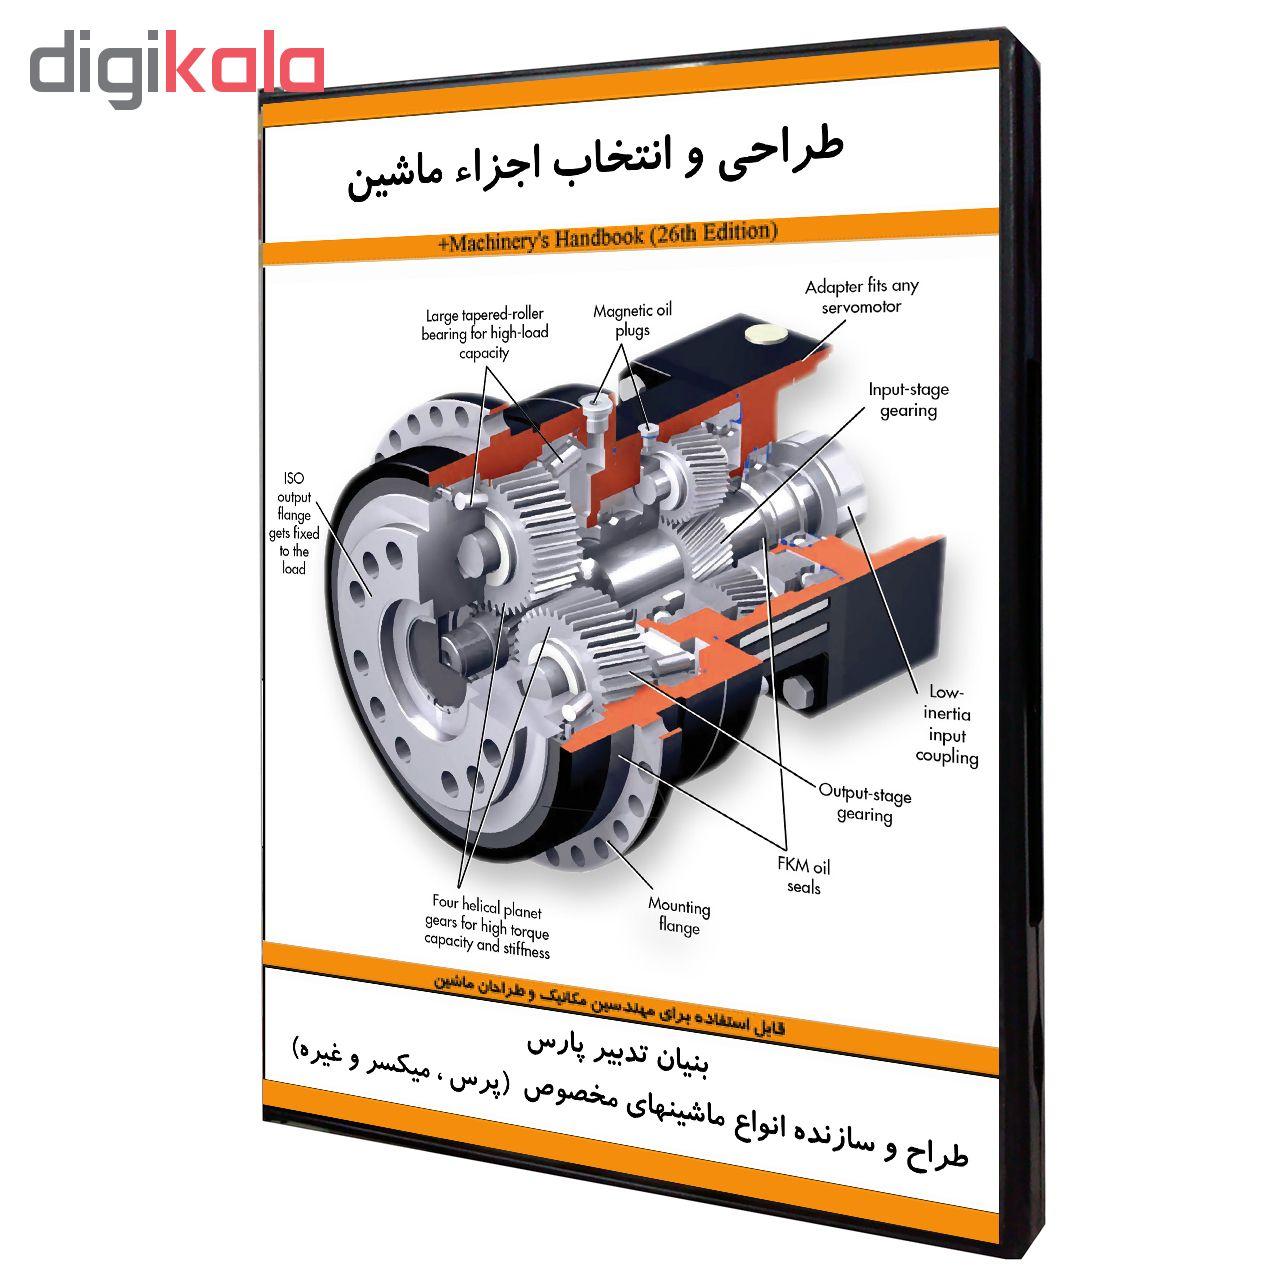 نرم افزار آموزش طراحی و انتخاب اجزاء ماشین نشر نوآوران